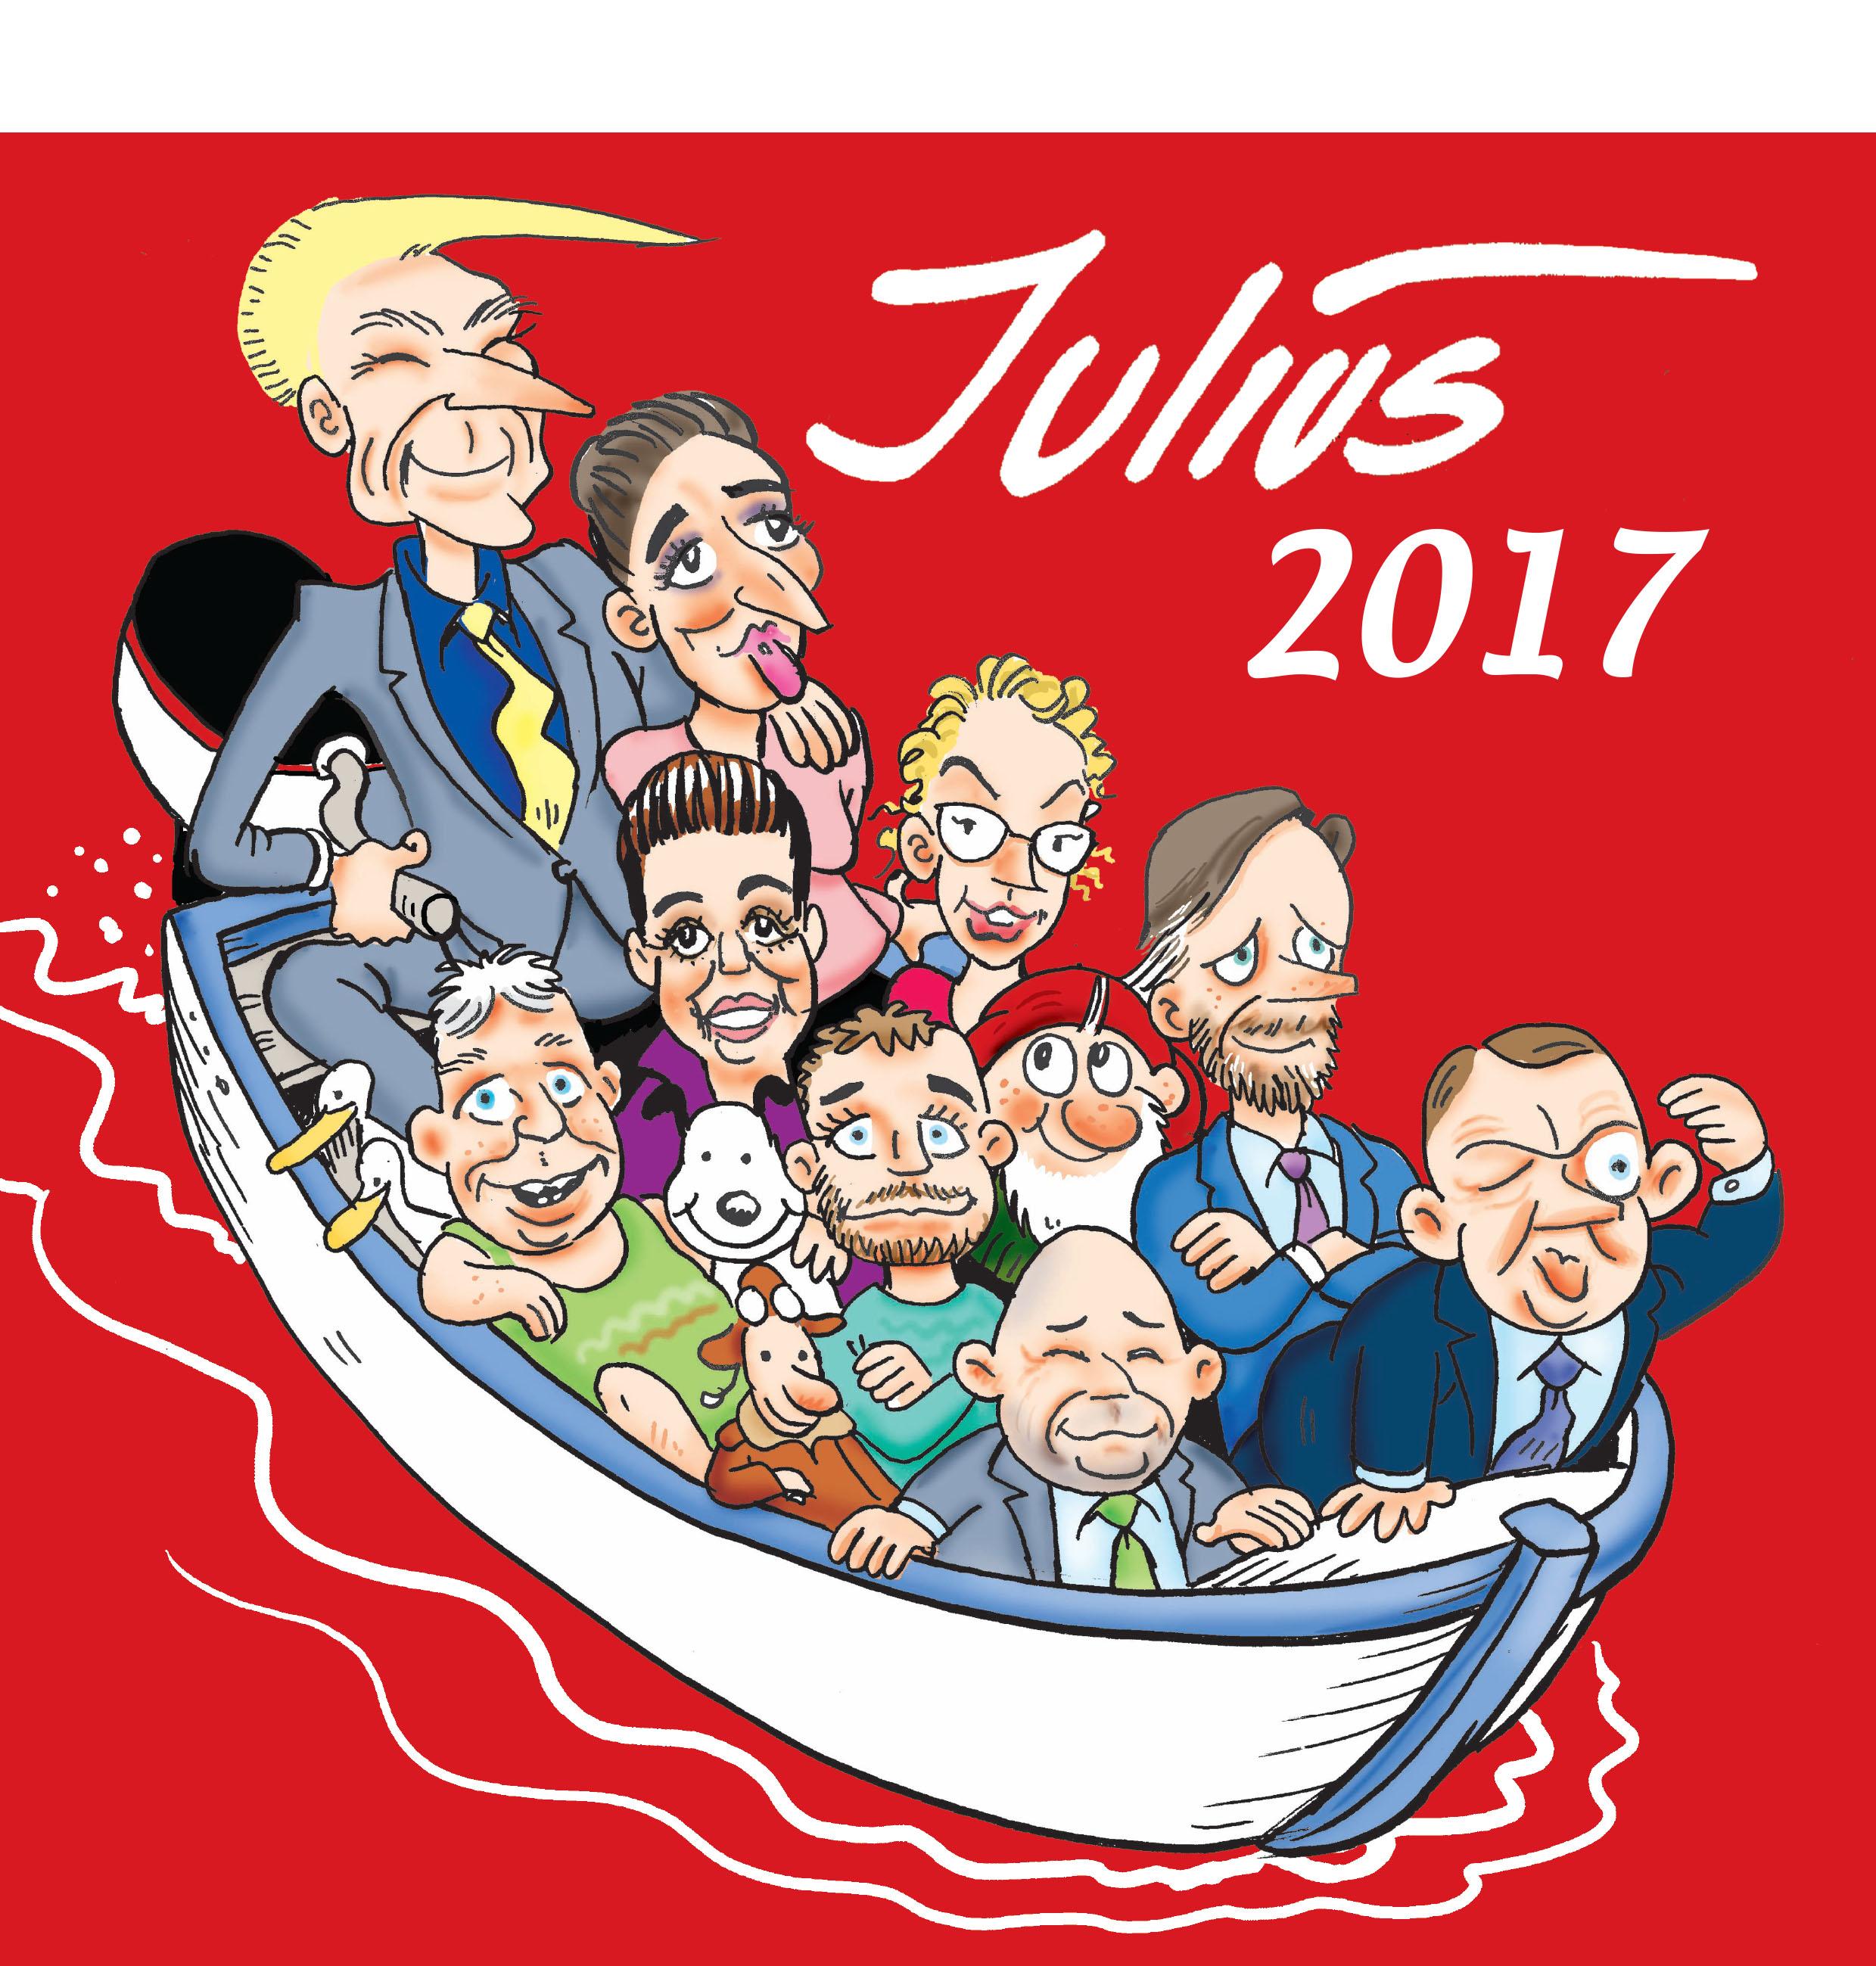 Julius 2017